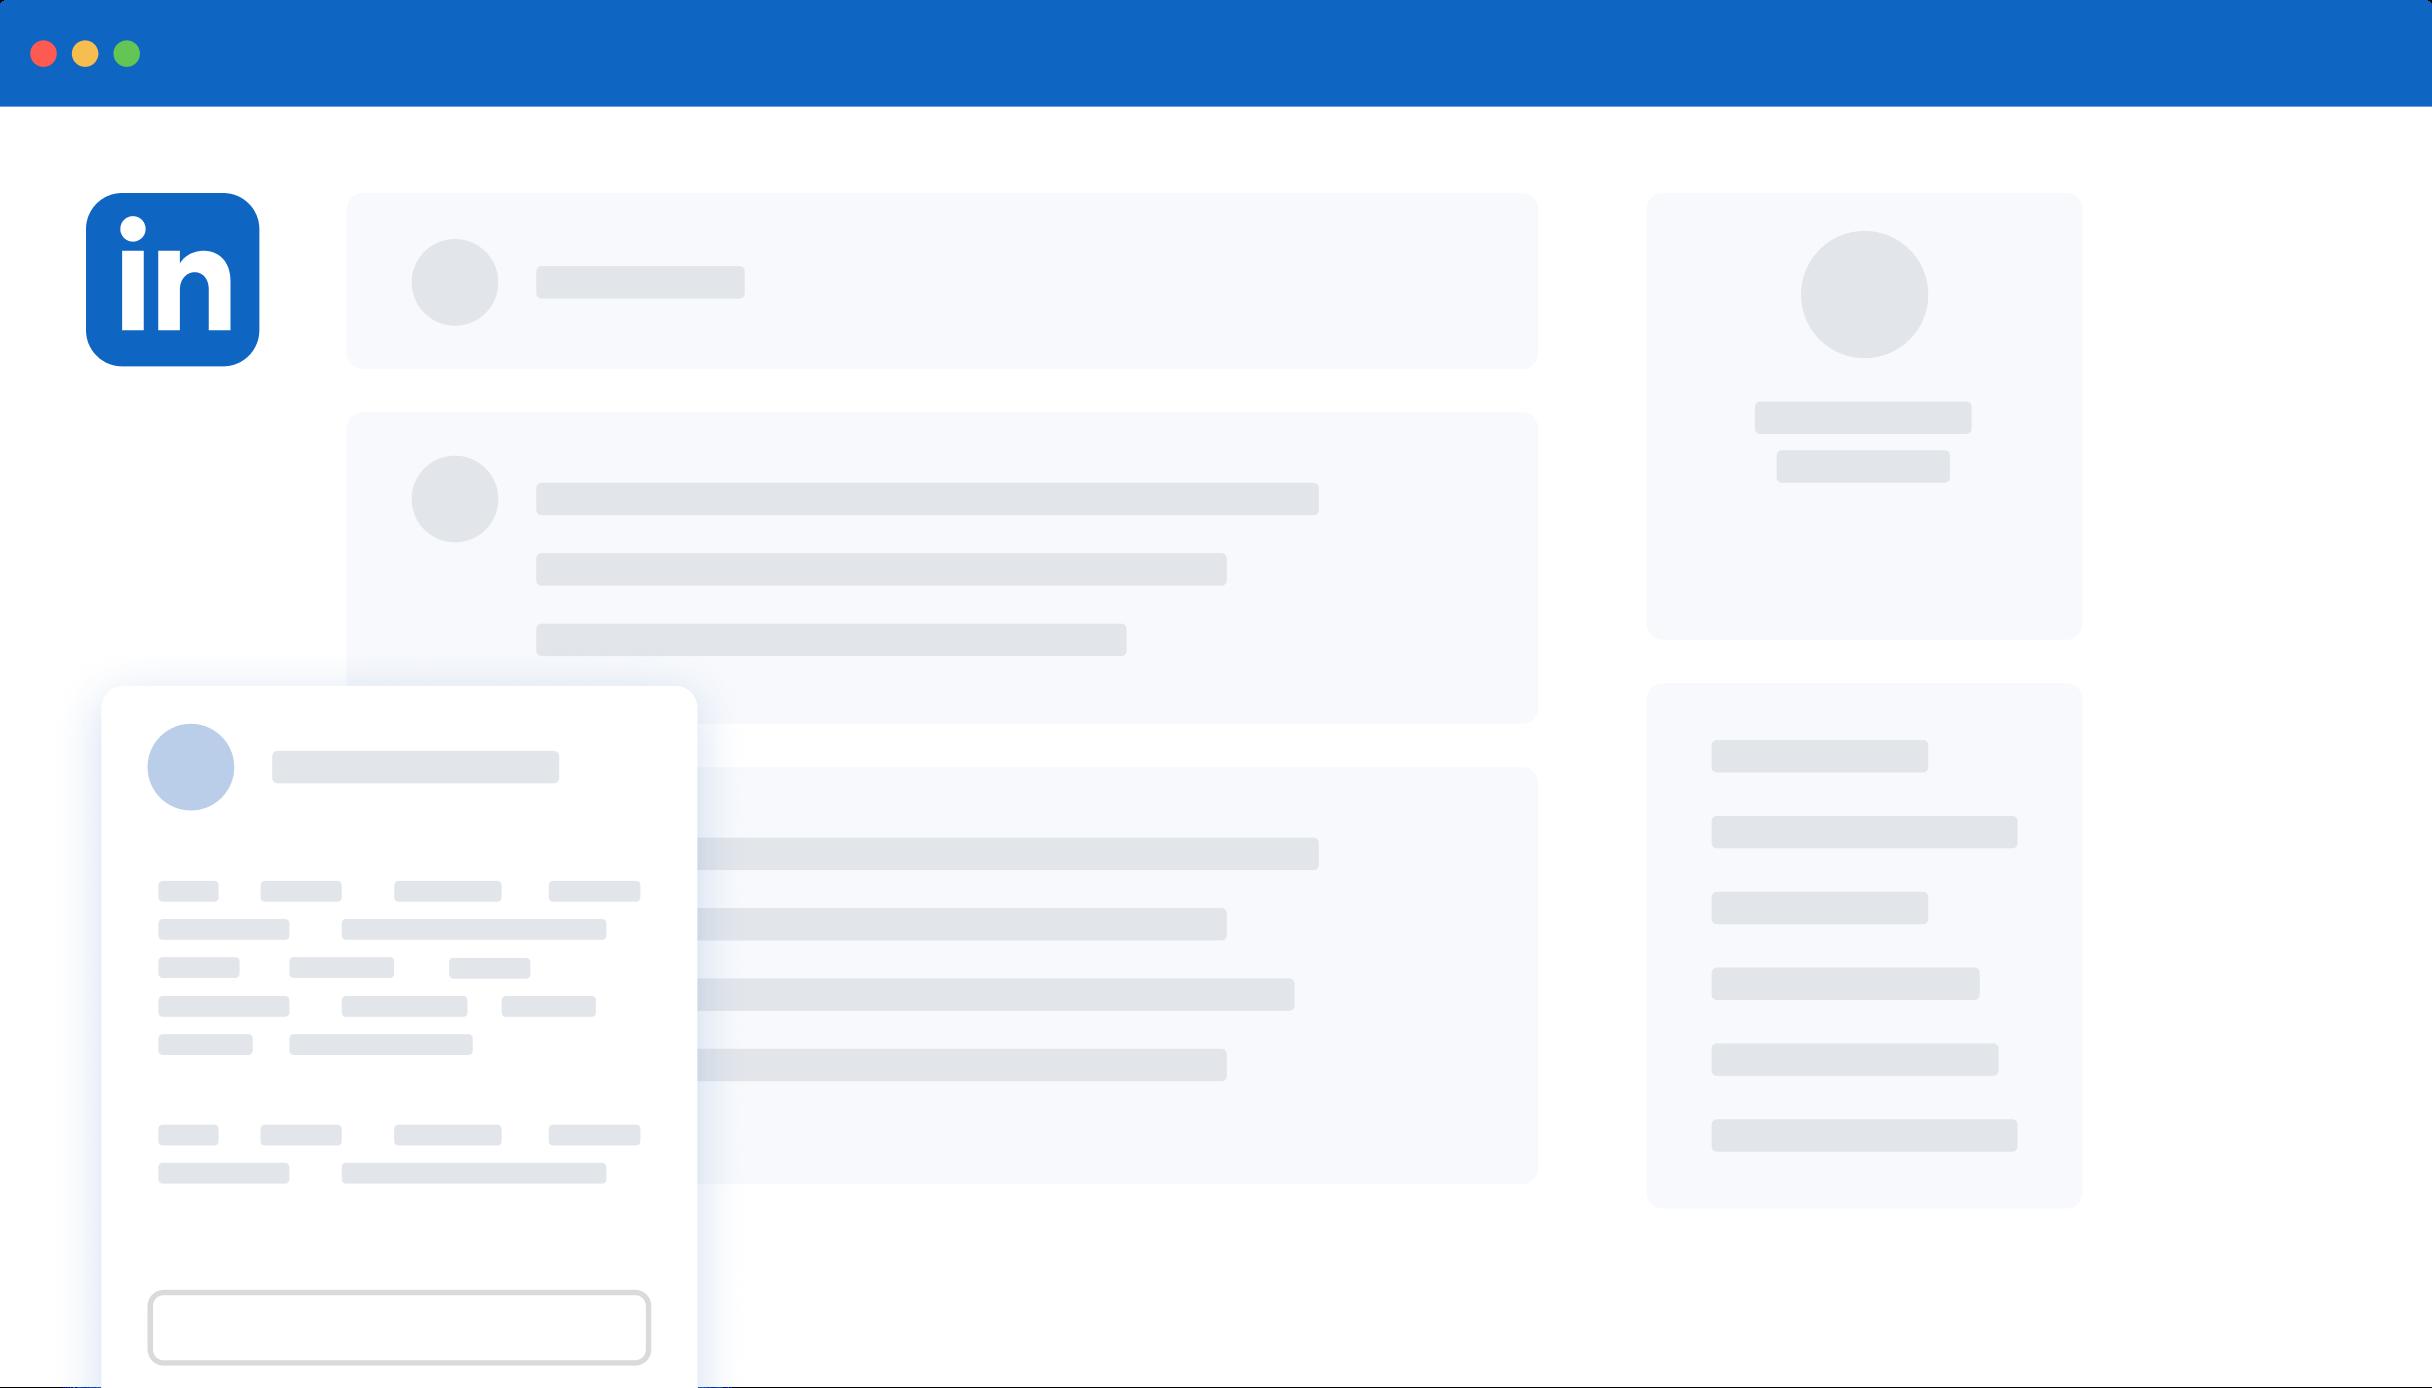 LinkedIn in browser